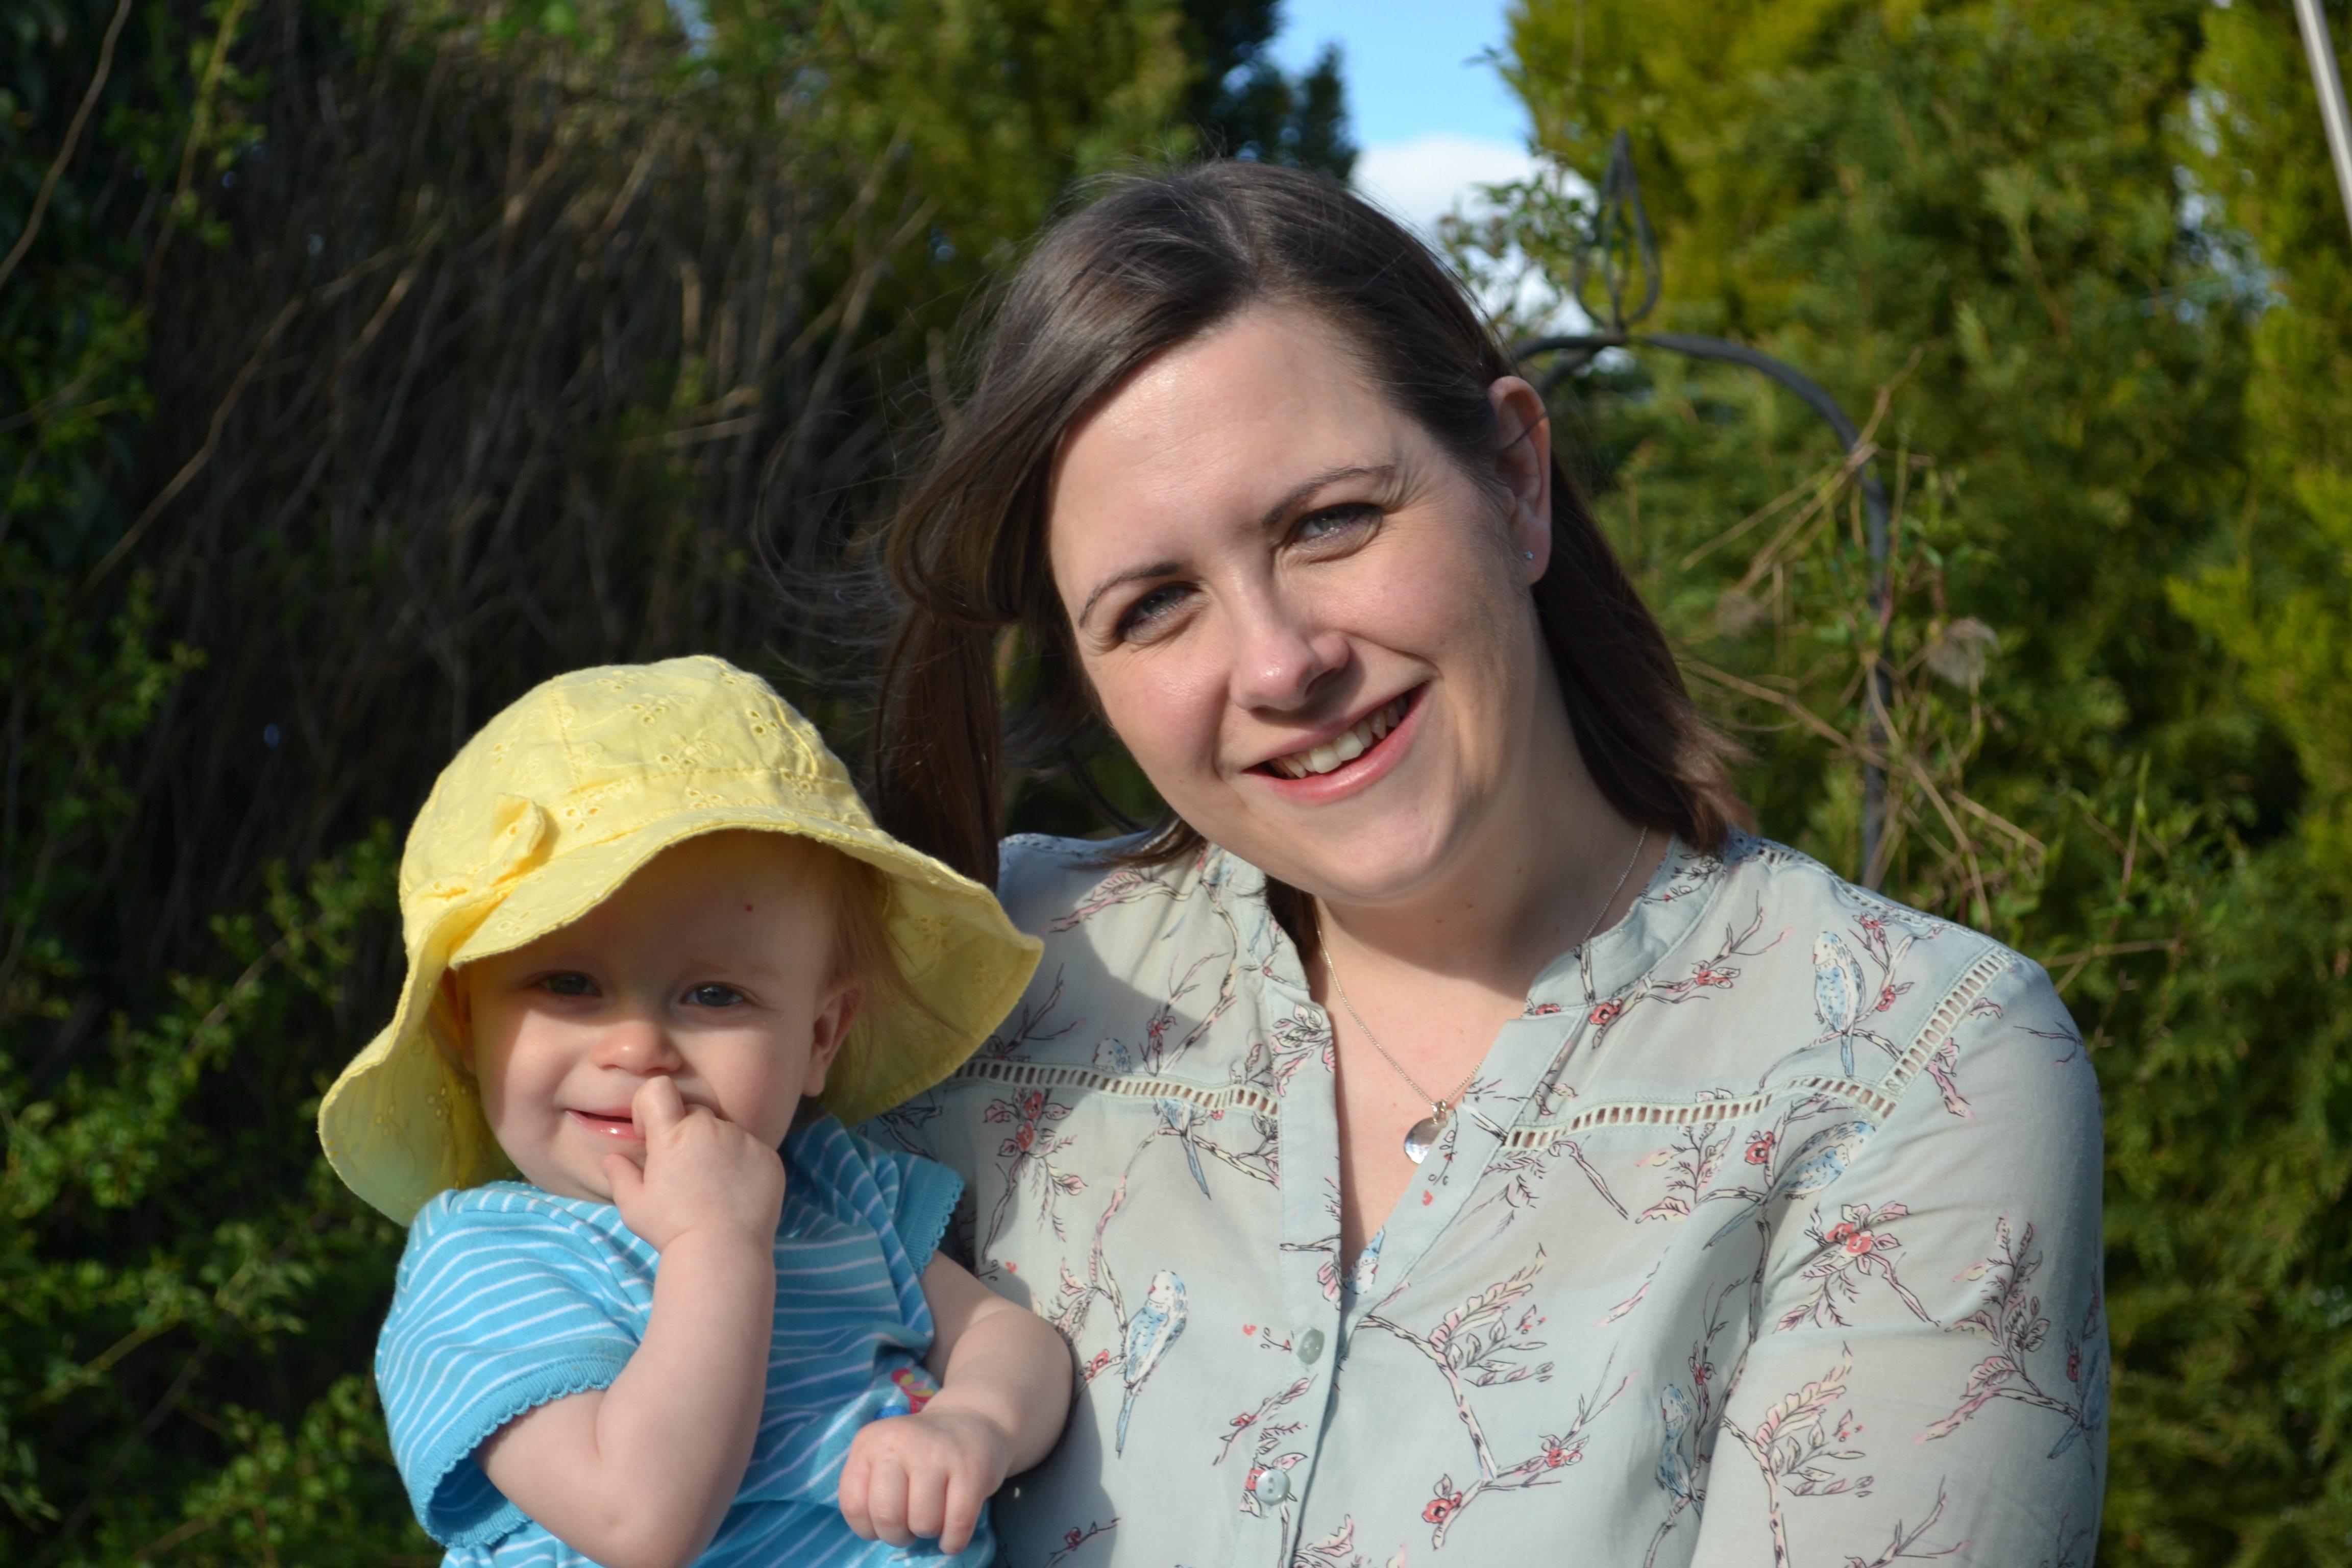 Sarah McHugh and her daughter